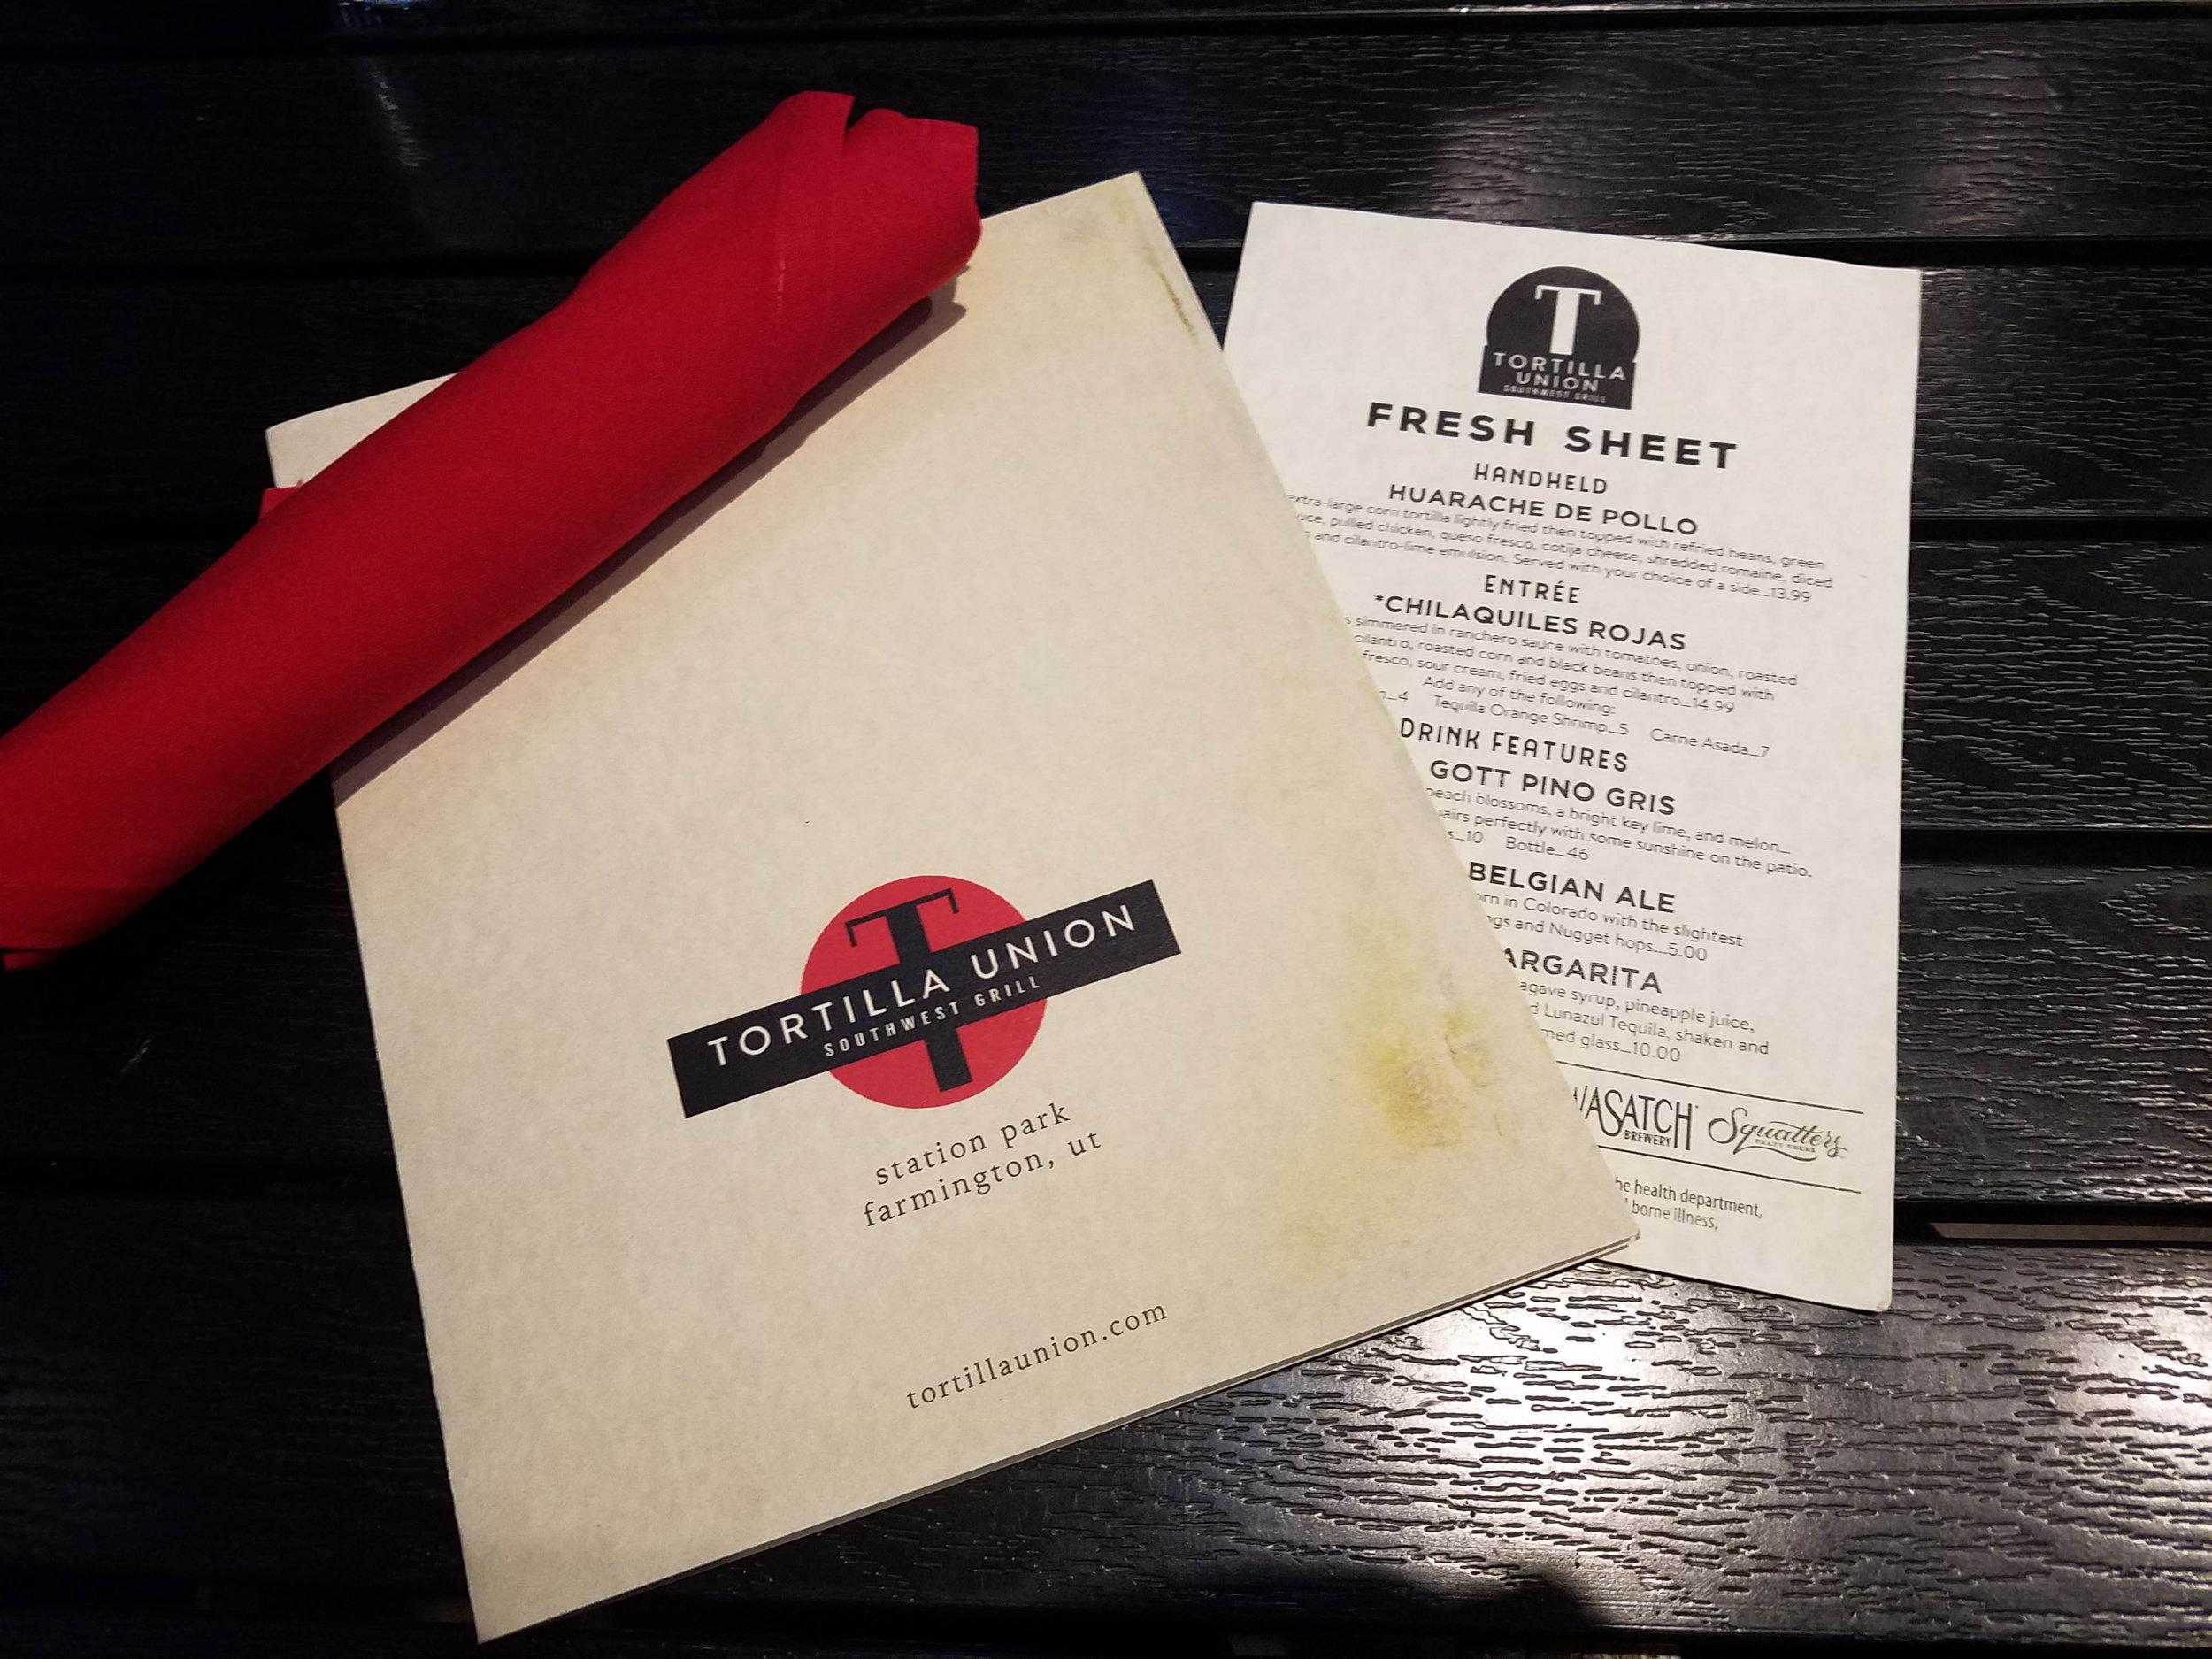 tortilla union menu farmington, utah